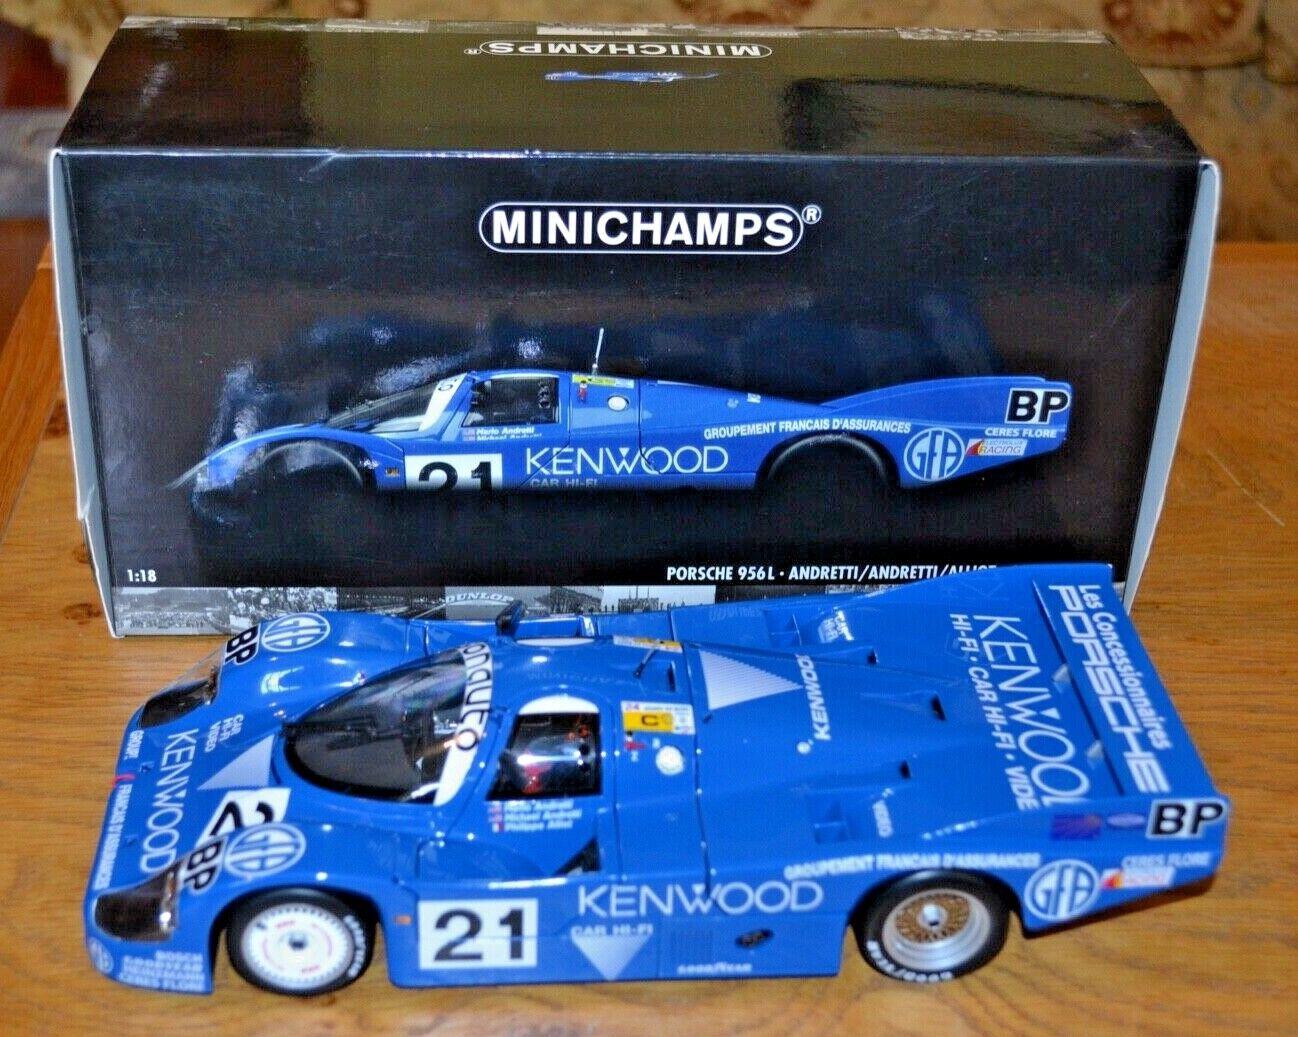 Minichamps 1 18 Porsche 956L Le Mans 1983 Racing voiture; Mint Condition